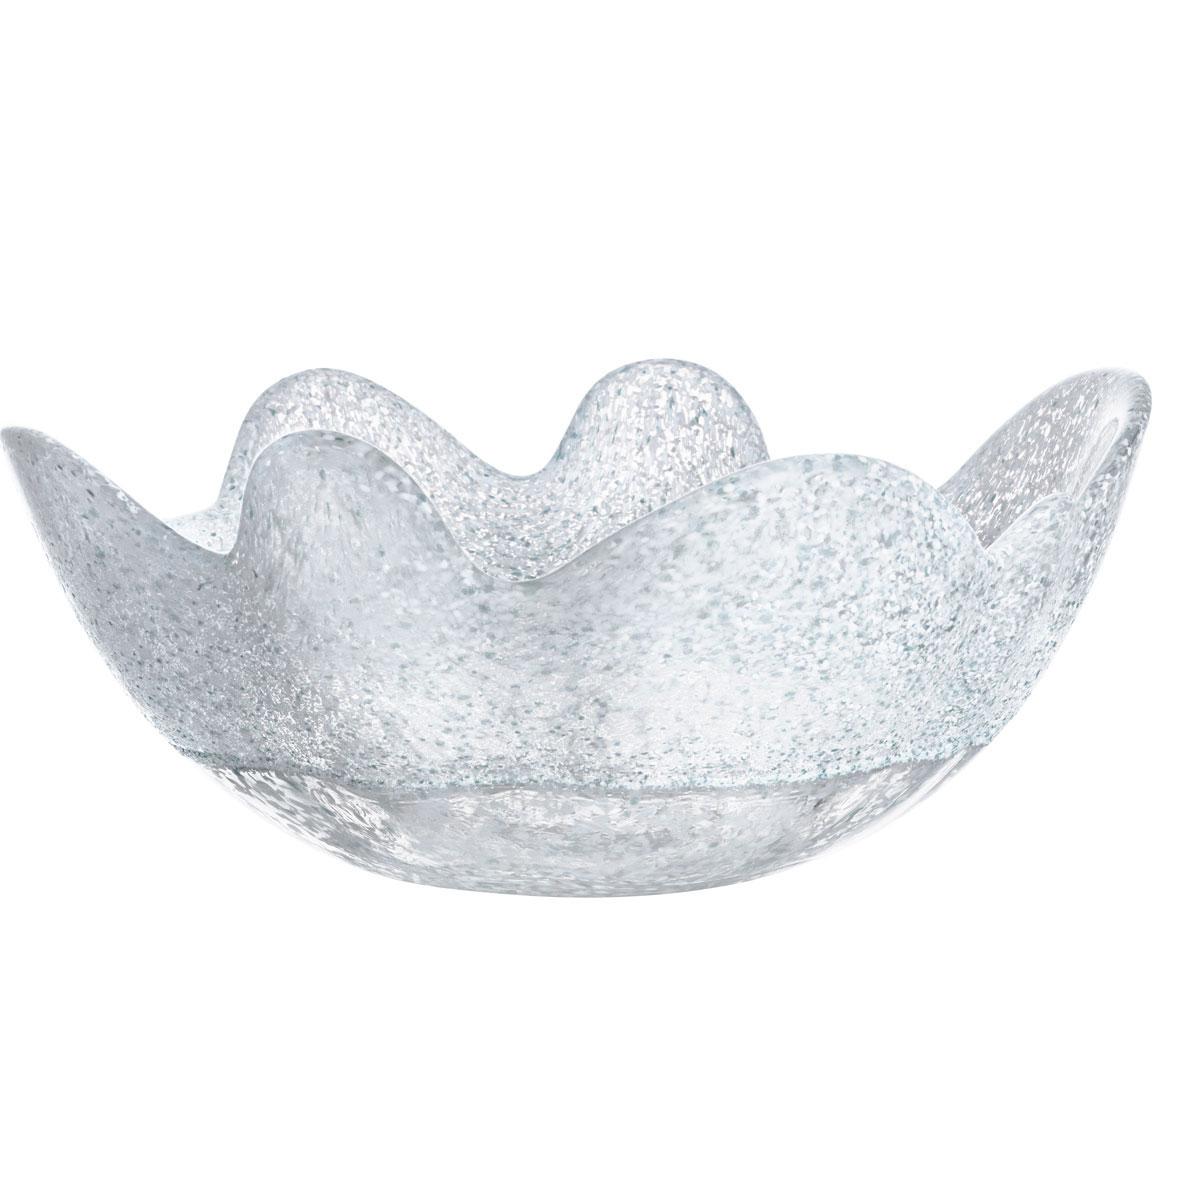 Kosta Boda Organix Medium Crystal Bowl, Frosty White